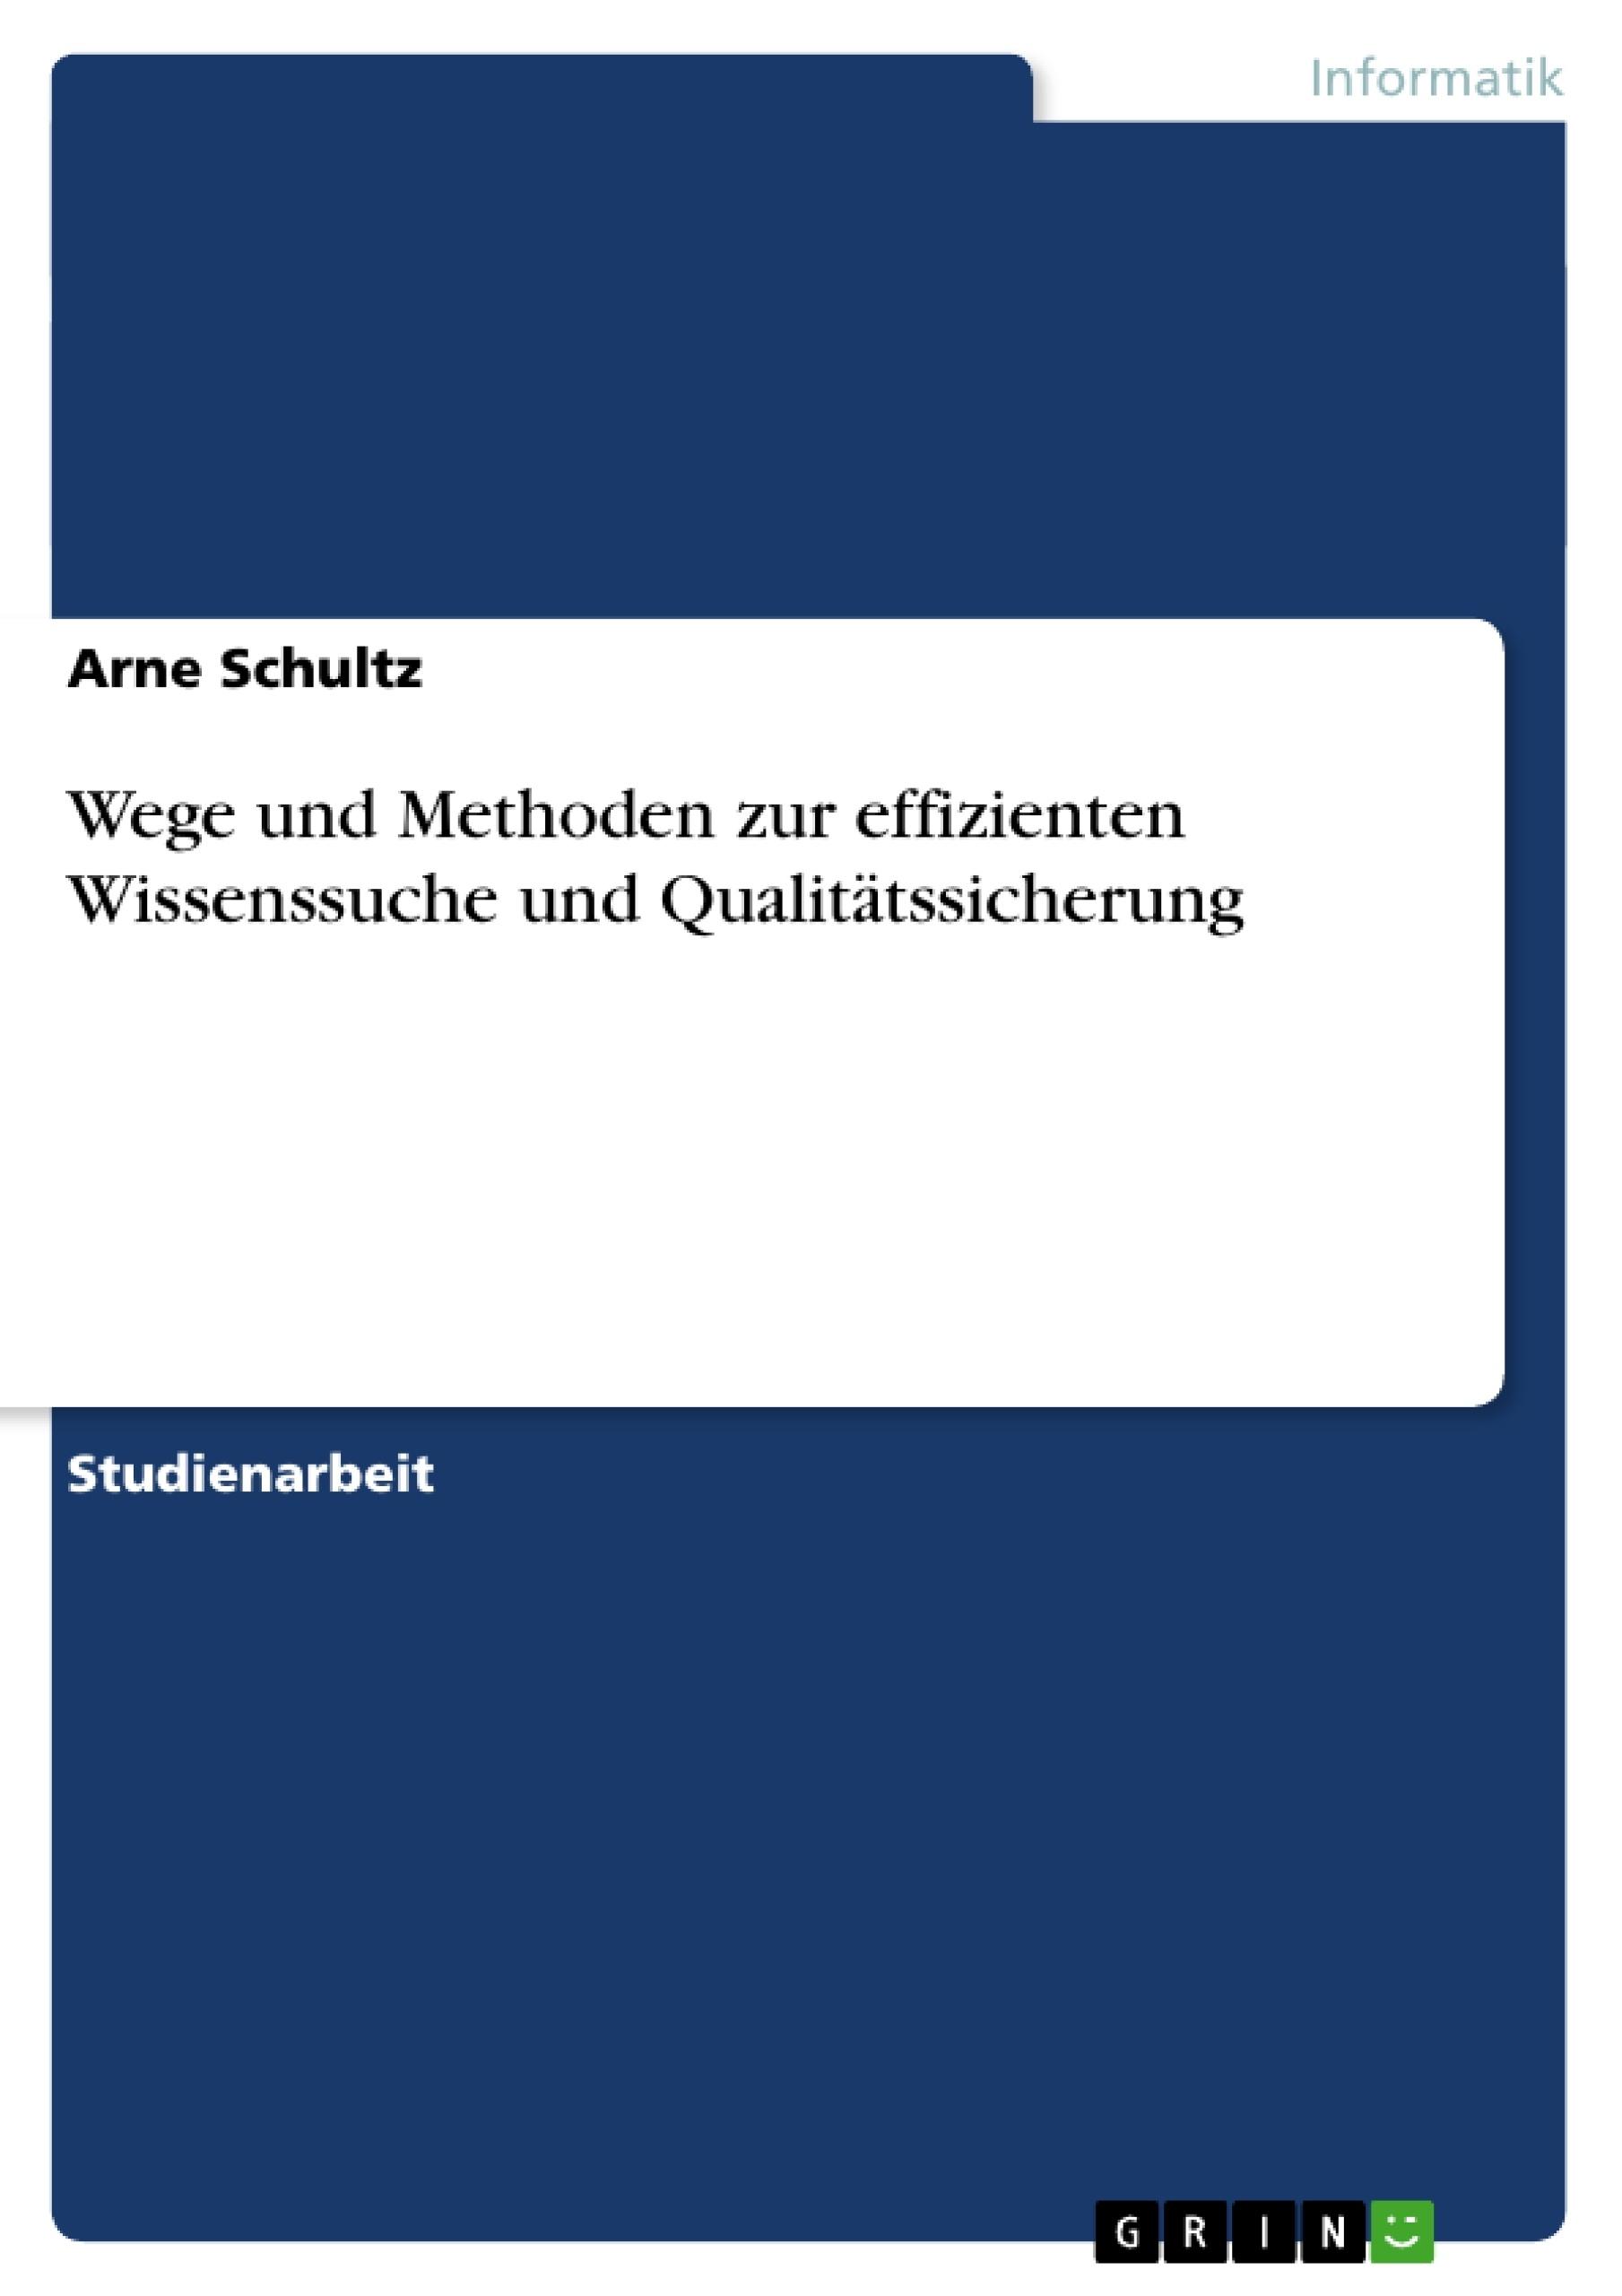 Titel: Wege und Methoden zur effizienten Wissenssuche und Qualitätssicherung